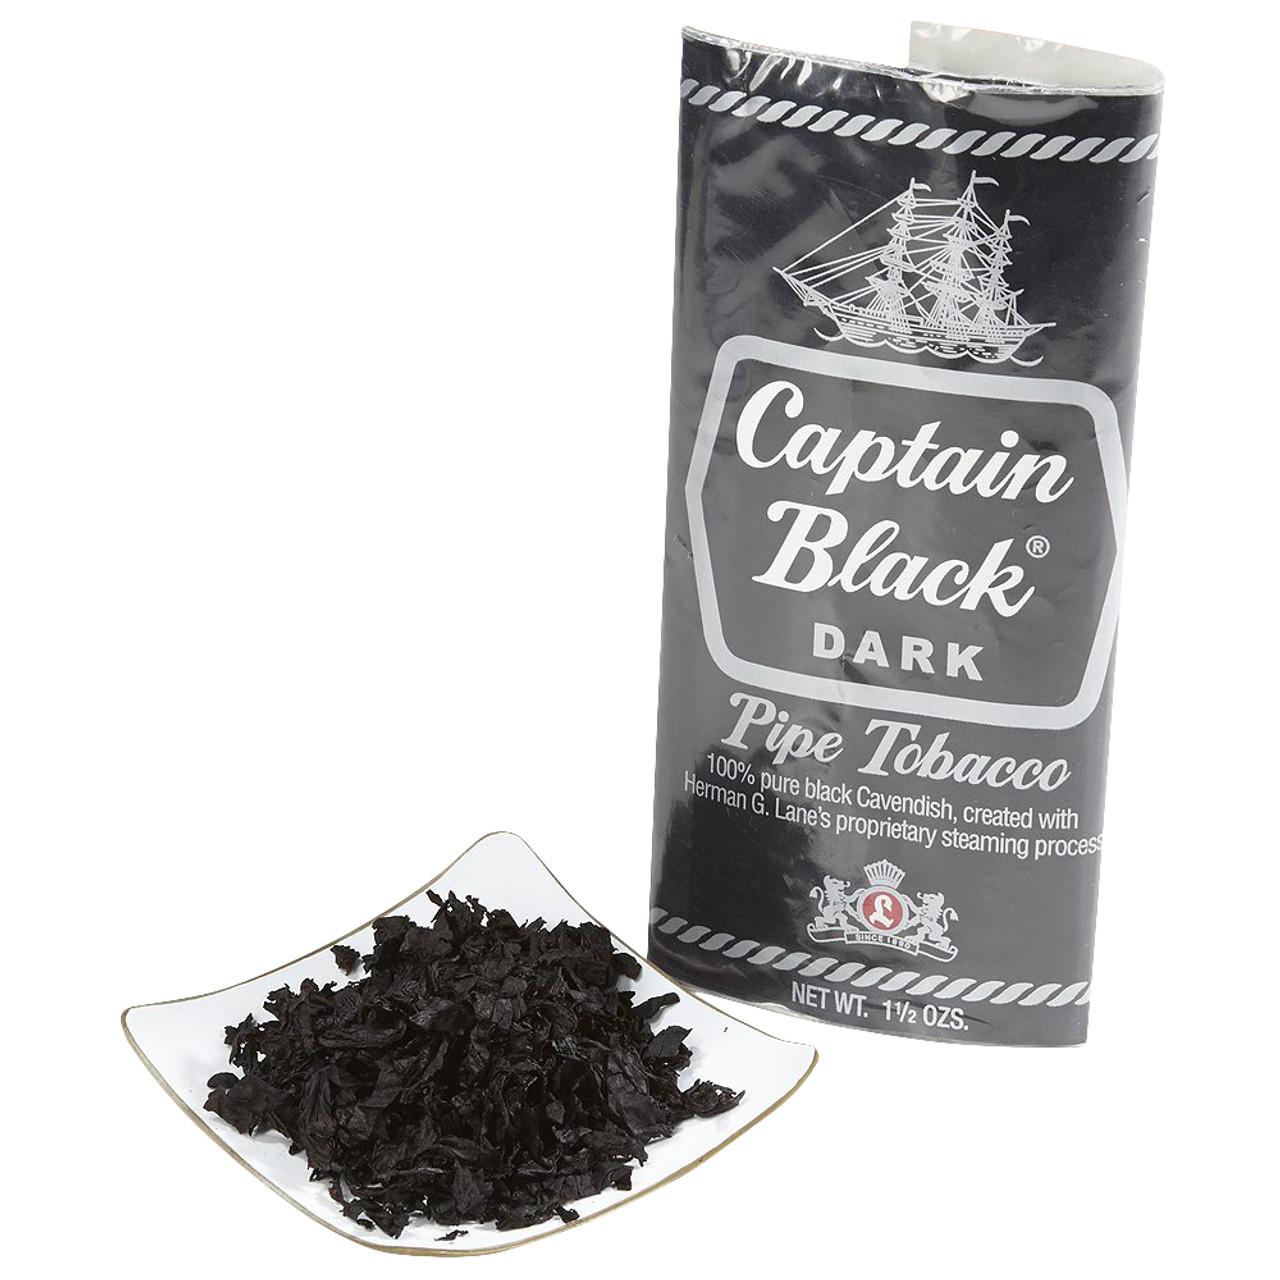 Captain Black Dark Pipe Tobacco | 1.5 OZ POUCH - 6 COUNT